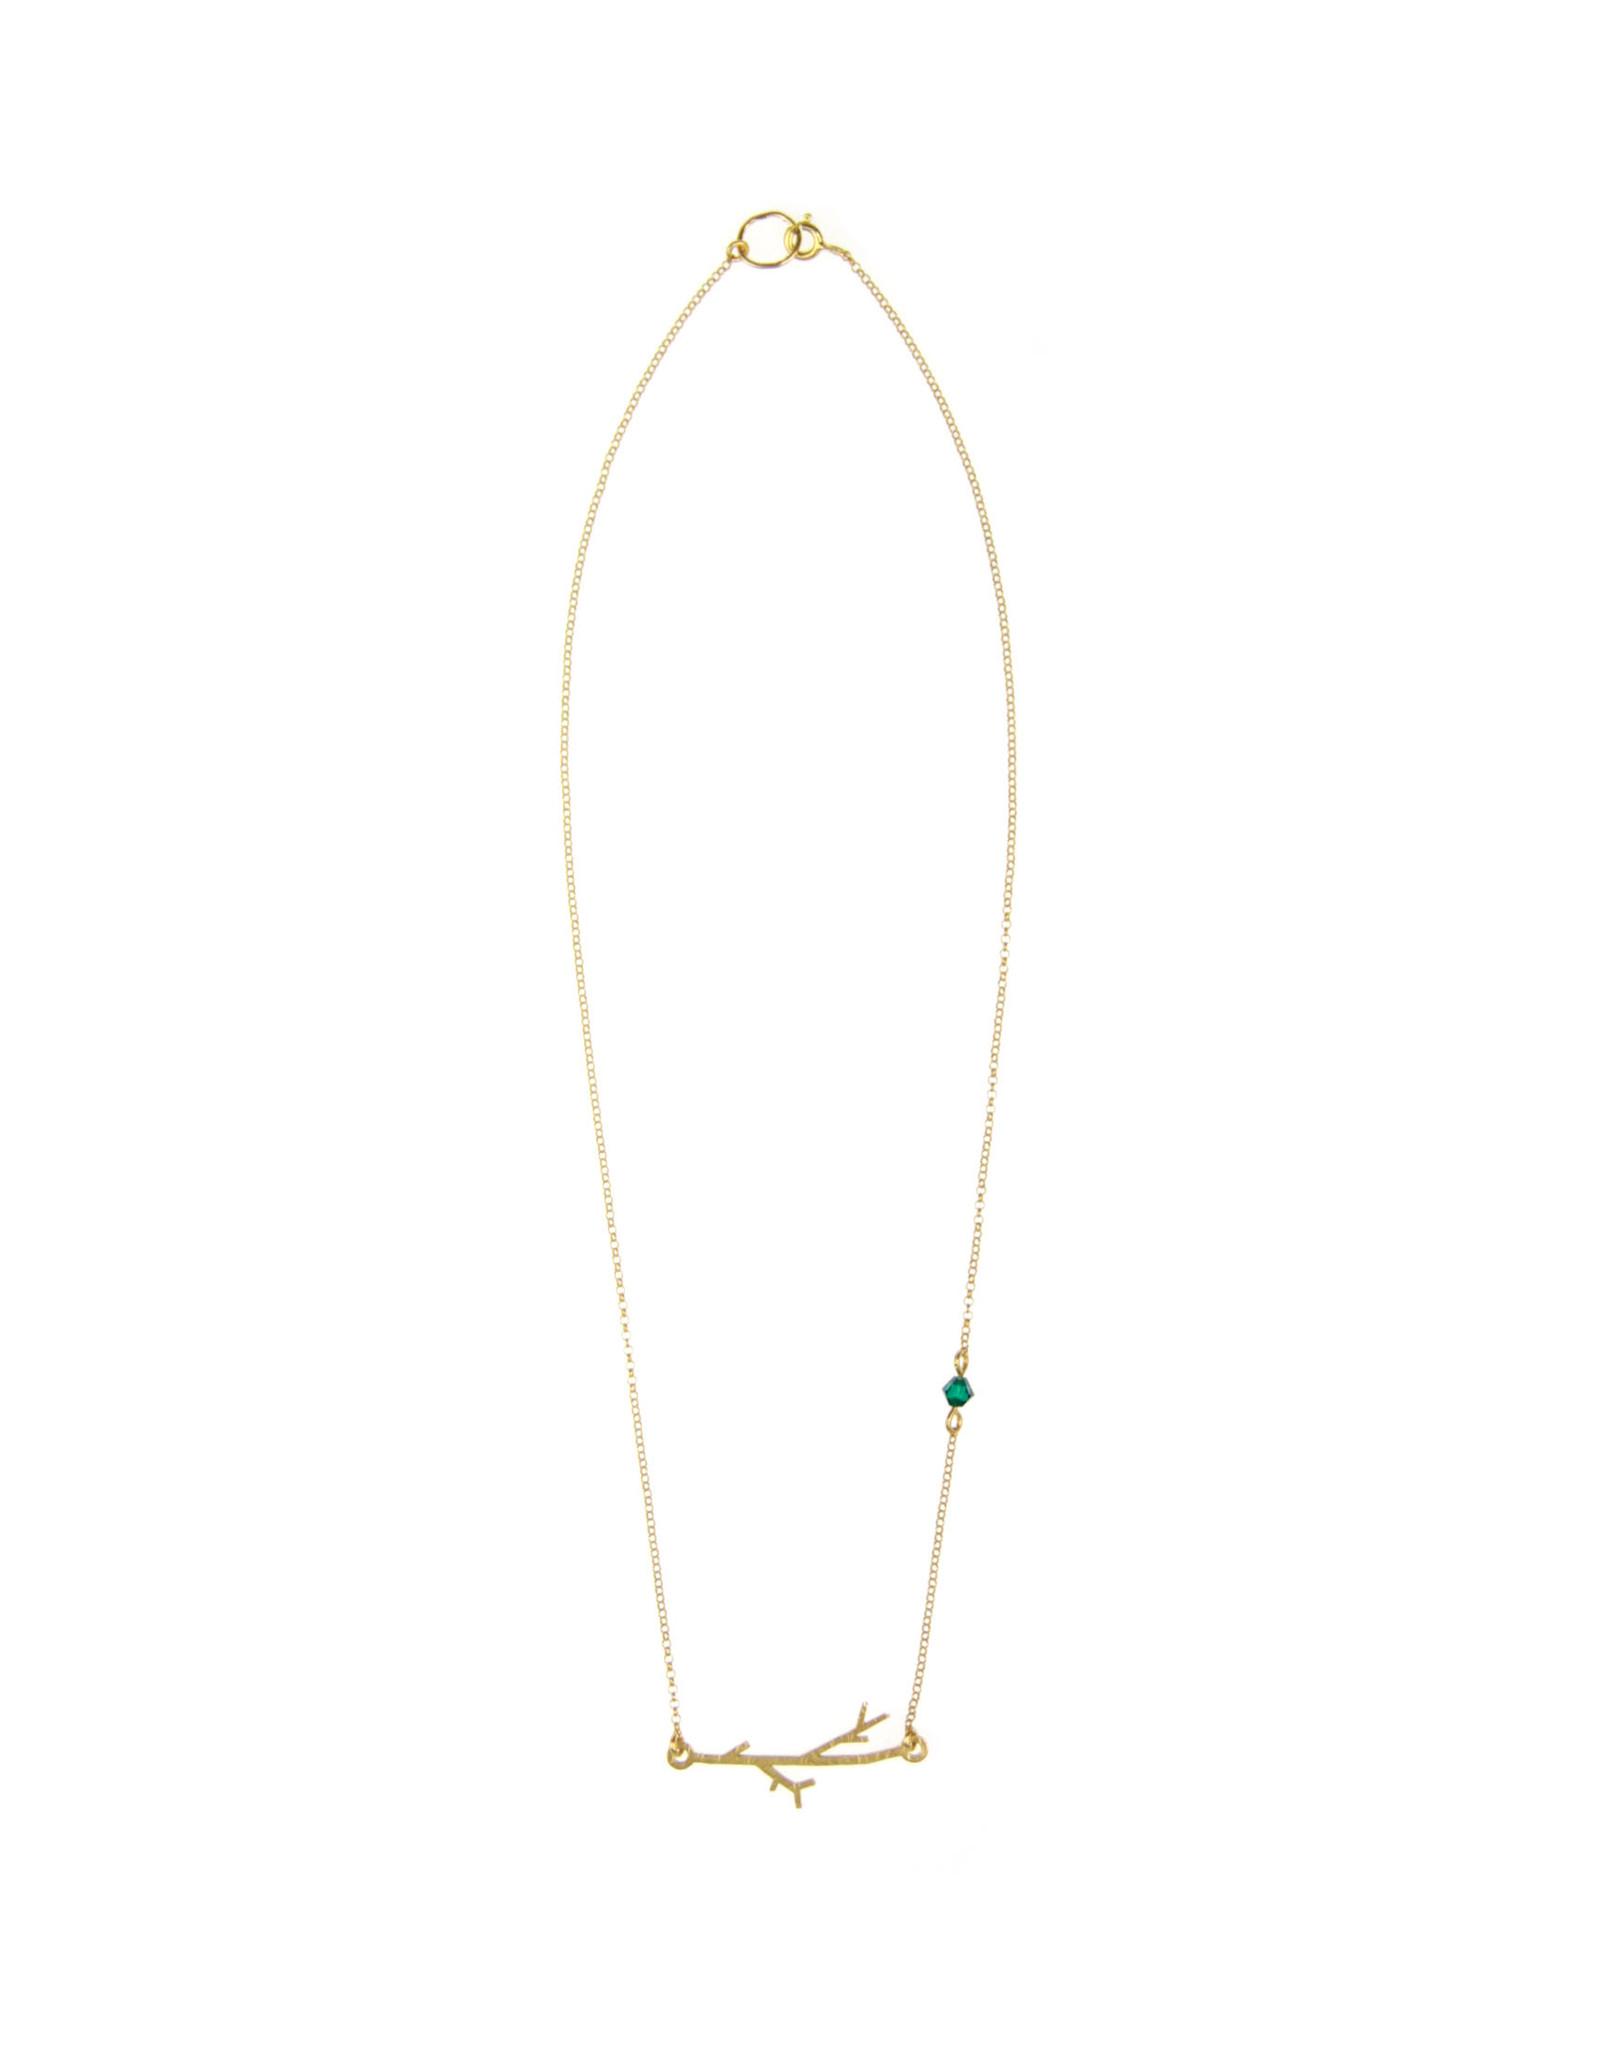 GAŁĄZKA: Piękny naszyjnik inspirowany naturą Minimalistyczny ale pełen magii lasu Naszyjnik wykonany jest ze srebra a następnie pokryty warstwą 24cr złota Na łańcuszku mieni się szmaragdowy kryształek Wolisz srebro lub ciemny odcień oksydy? Napisz do nas : Naszyjnik będzie wysłany w naszym oryginalnym pudełeczku z logo OM WYMIARY: Całkowita długość łańcuszka: 44cm Możliwość indywidualnego dopasowania długości naszyjnika W tym celu napisz do nas w trakcie składania zamówienia PIELĘGNACJA: O każdą biżuterię należy odpowiednio dbać Należy unikać kontaktu z perfumami i chemią Kiedy nie nosimy naszyjnika najlepiej przechowywać go w zamkniętym opakowaniu na przykład w pudełeczku w którym wyślemy biżuterię W przyszłości możliwość nieodpłatnego odświeżenia u nas biżuterii OM jewellery design handcrafted with love